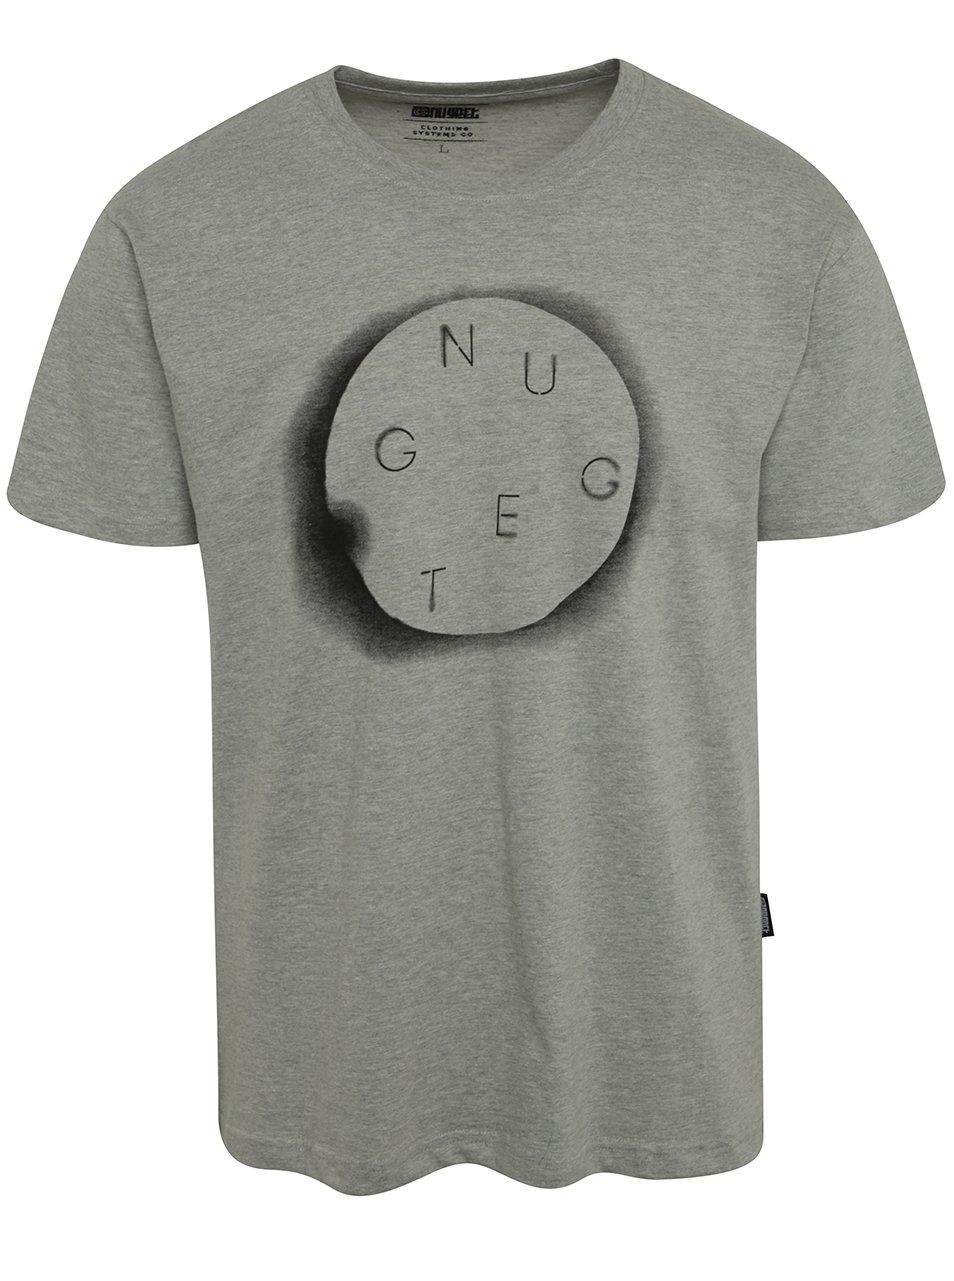 Šedé pánské triko s potiskem NUGGET Void